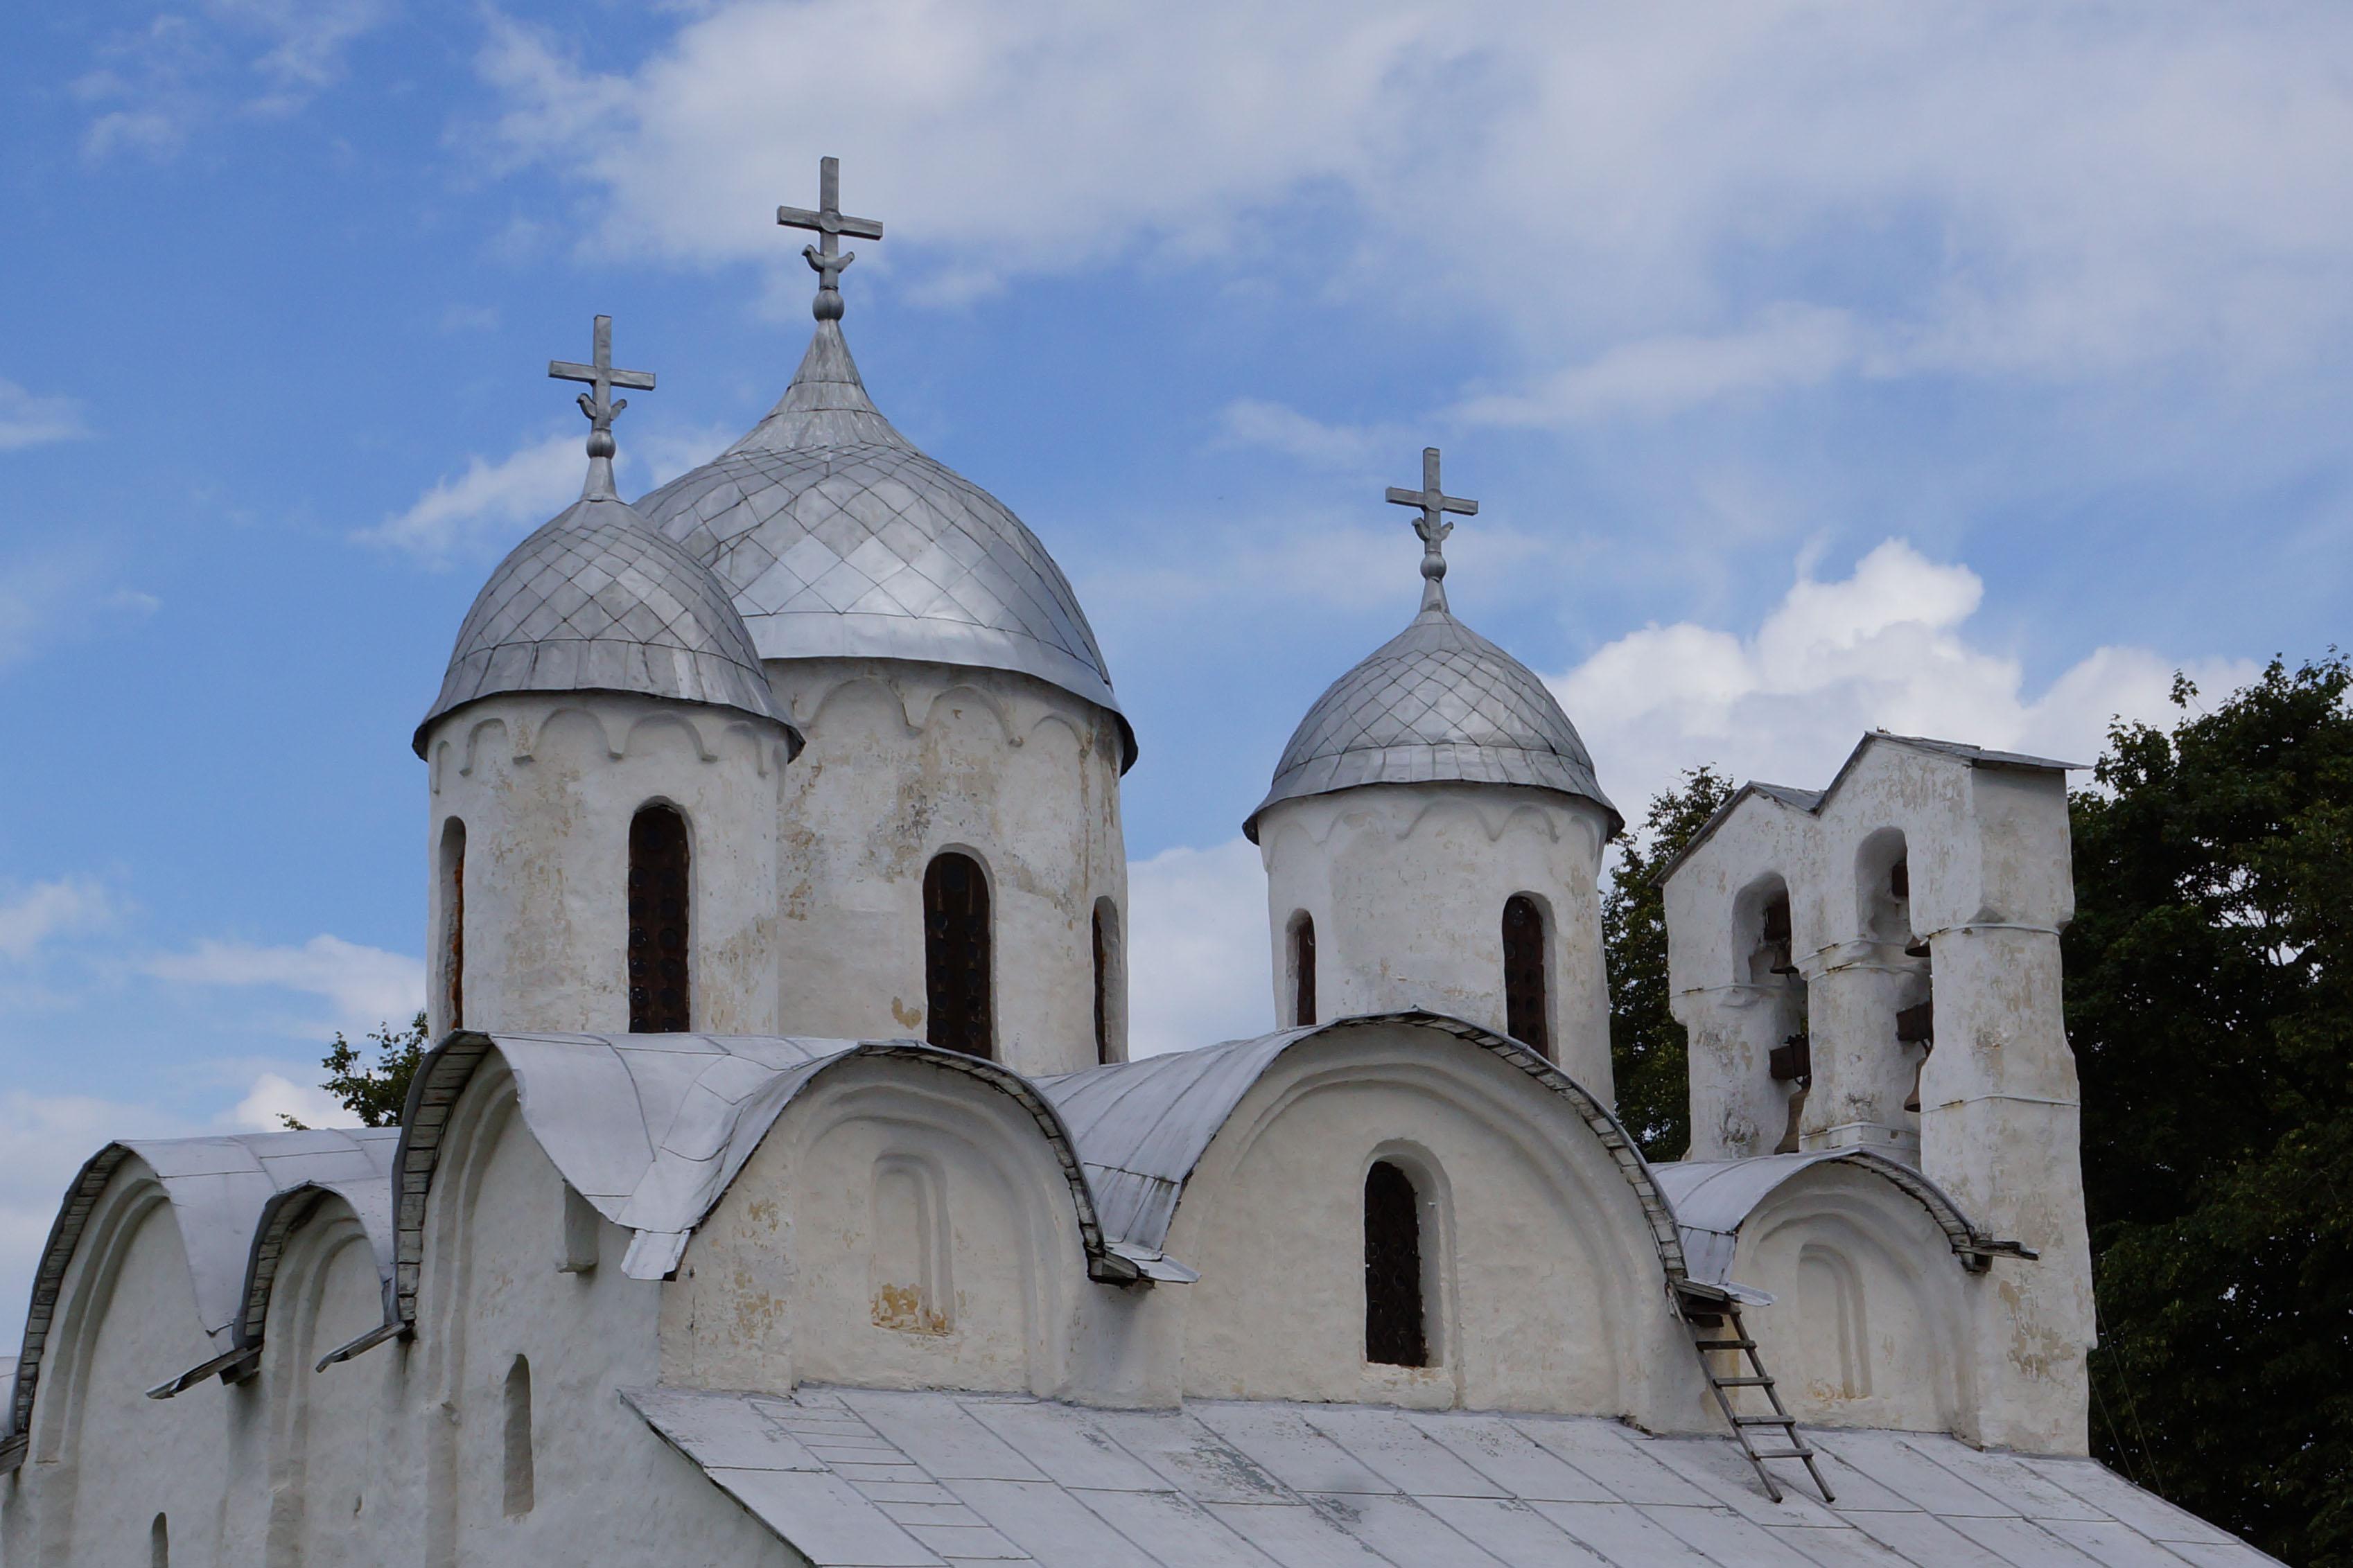 каменные церкви псковского типа проекты фото него